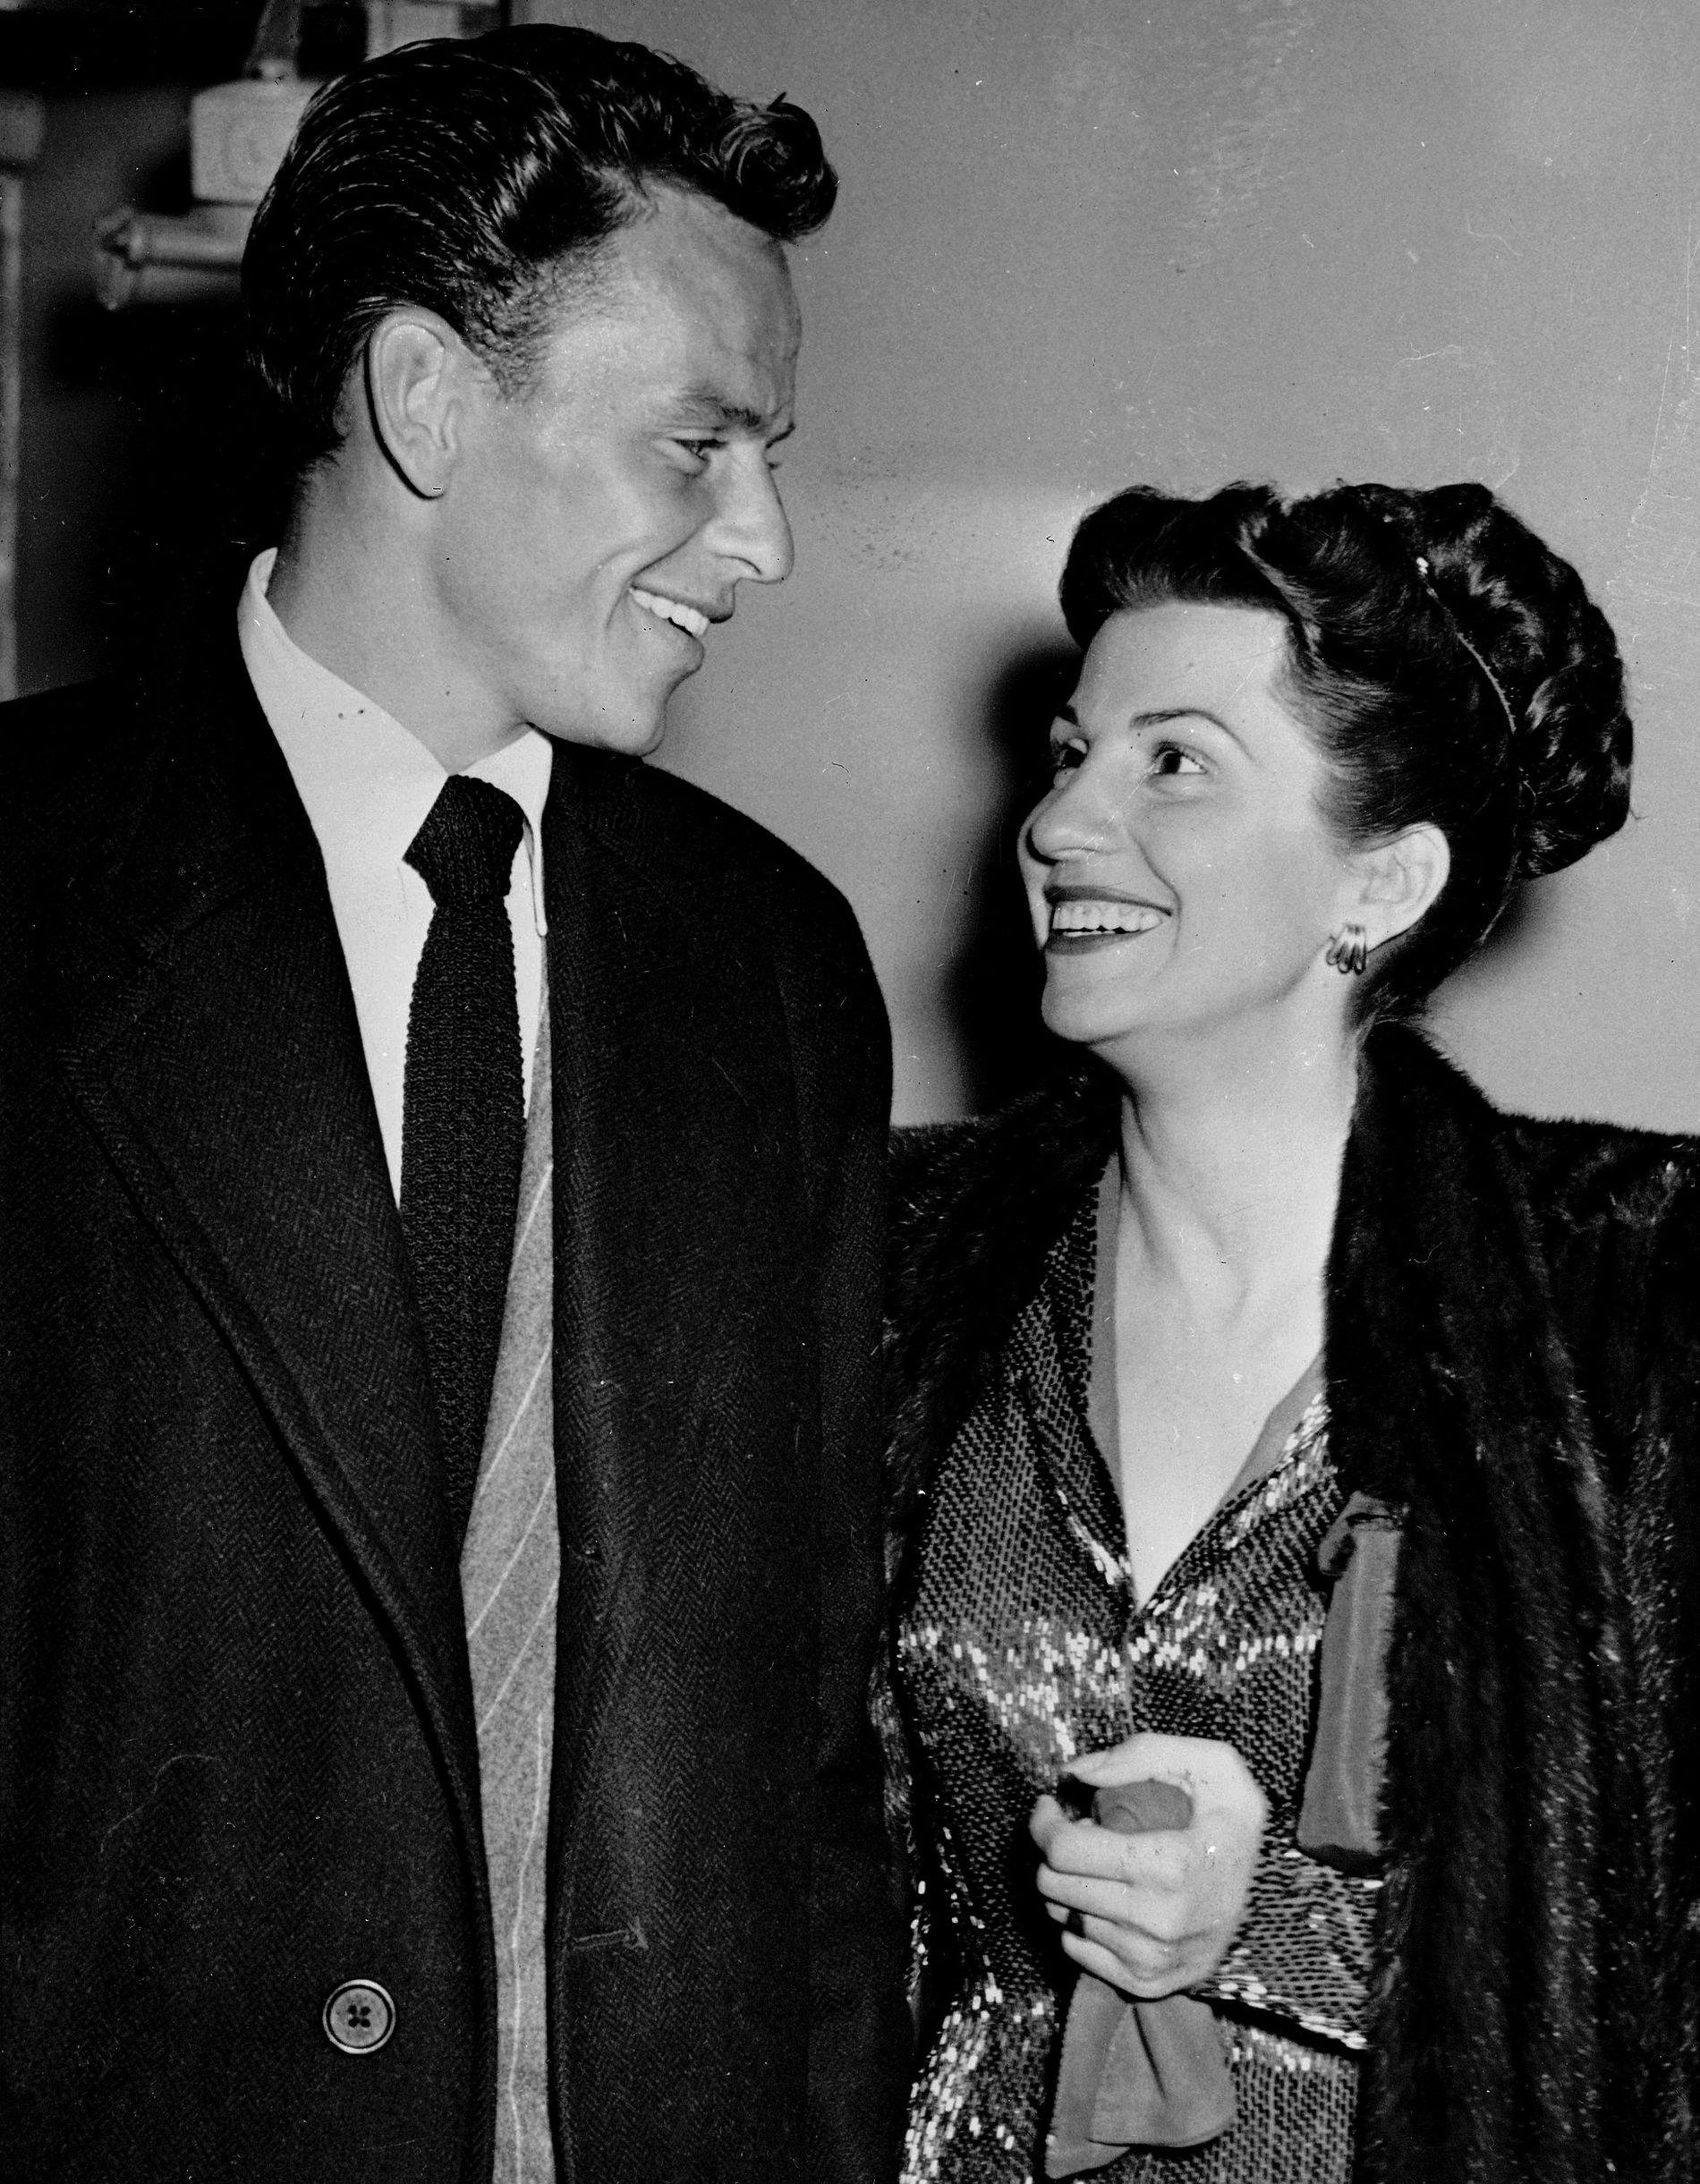 Frank og Nancy Sinatra avbildet sammen i 1946. Nancy Sinatra var Frank Sinatras første av totalt fire koner.